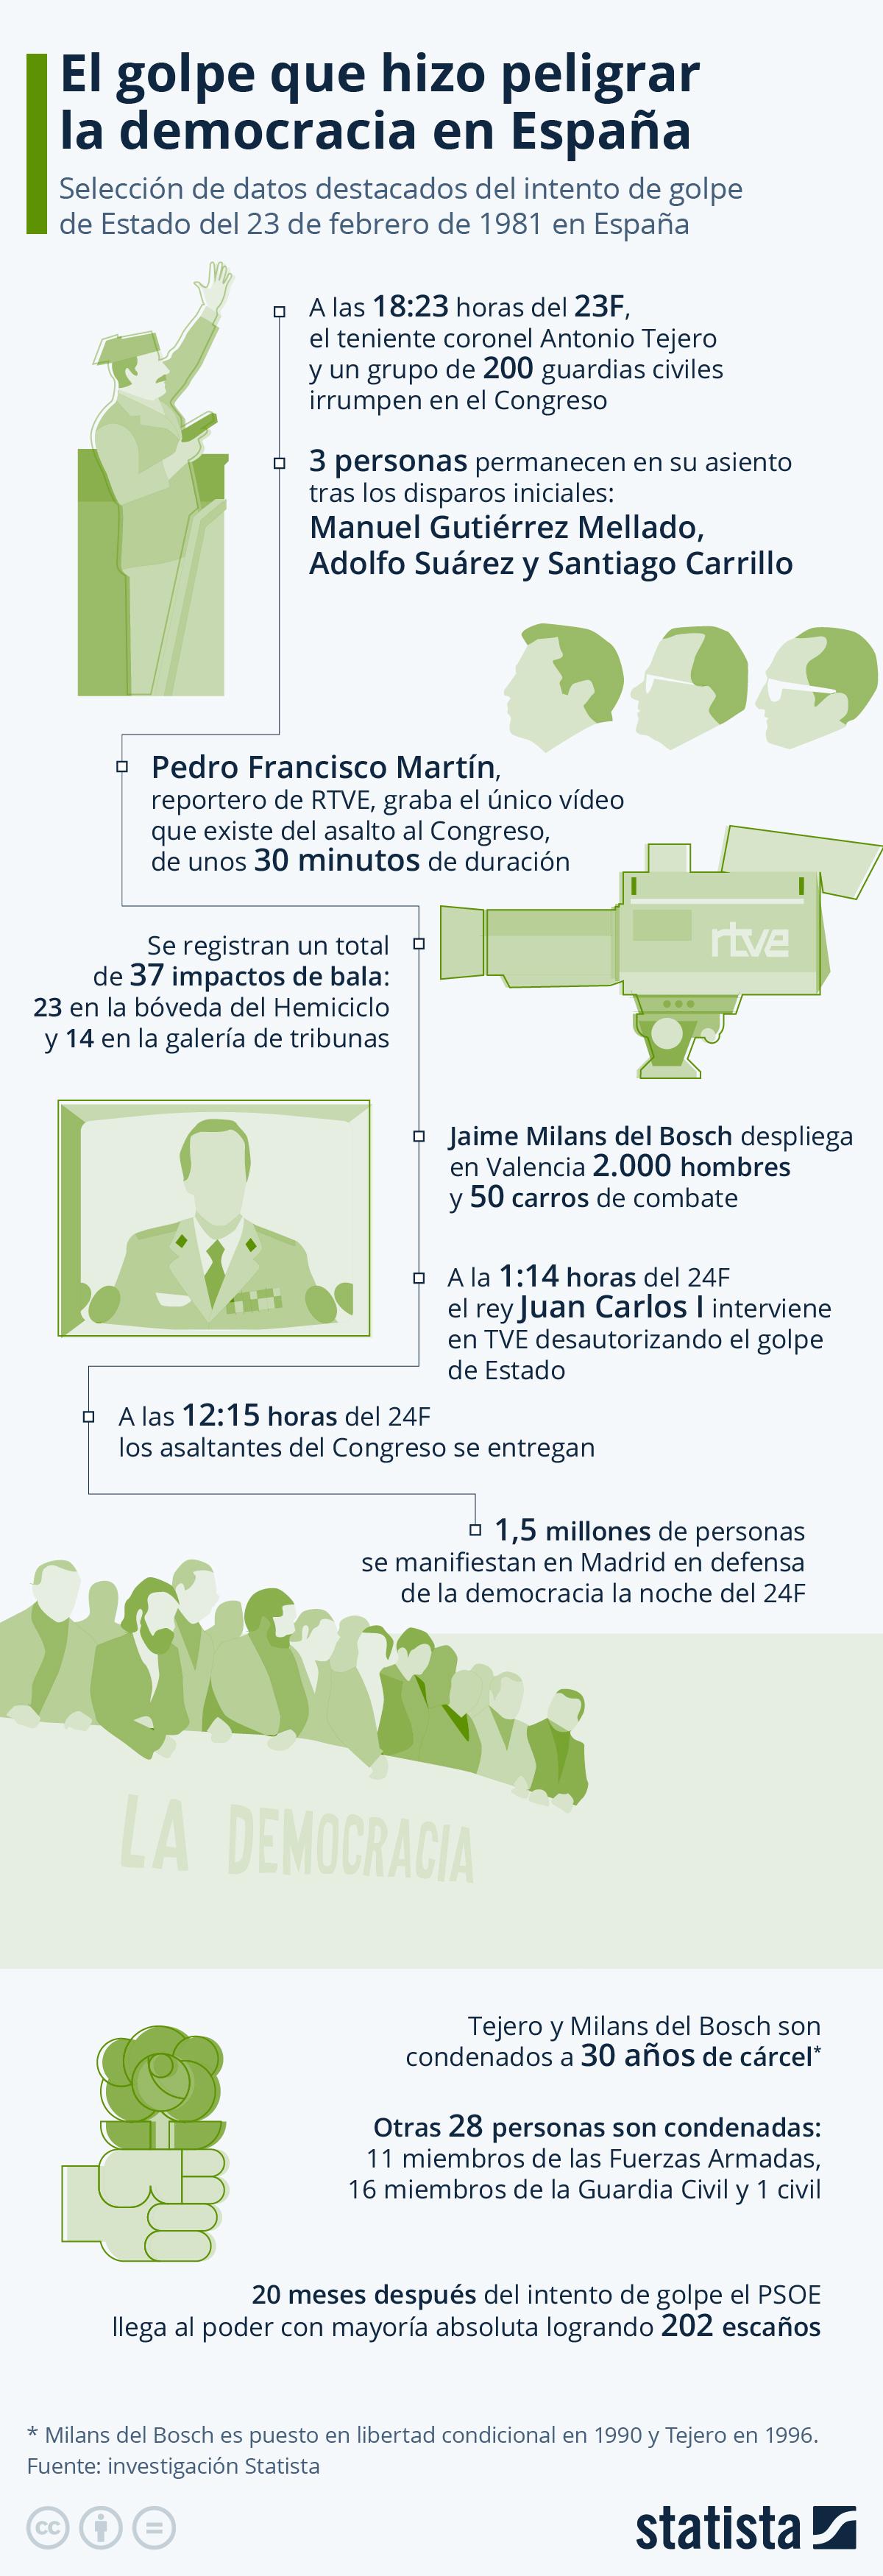 Infografía: Tal día como hoy hace 40 años en España… | Statista